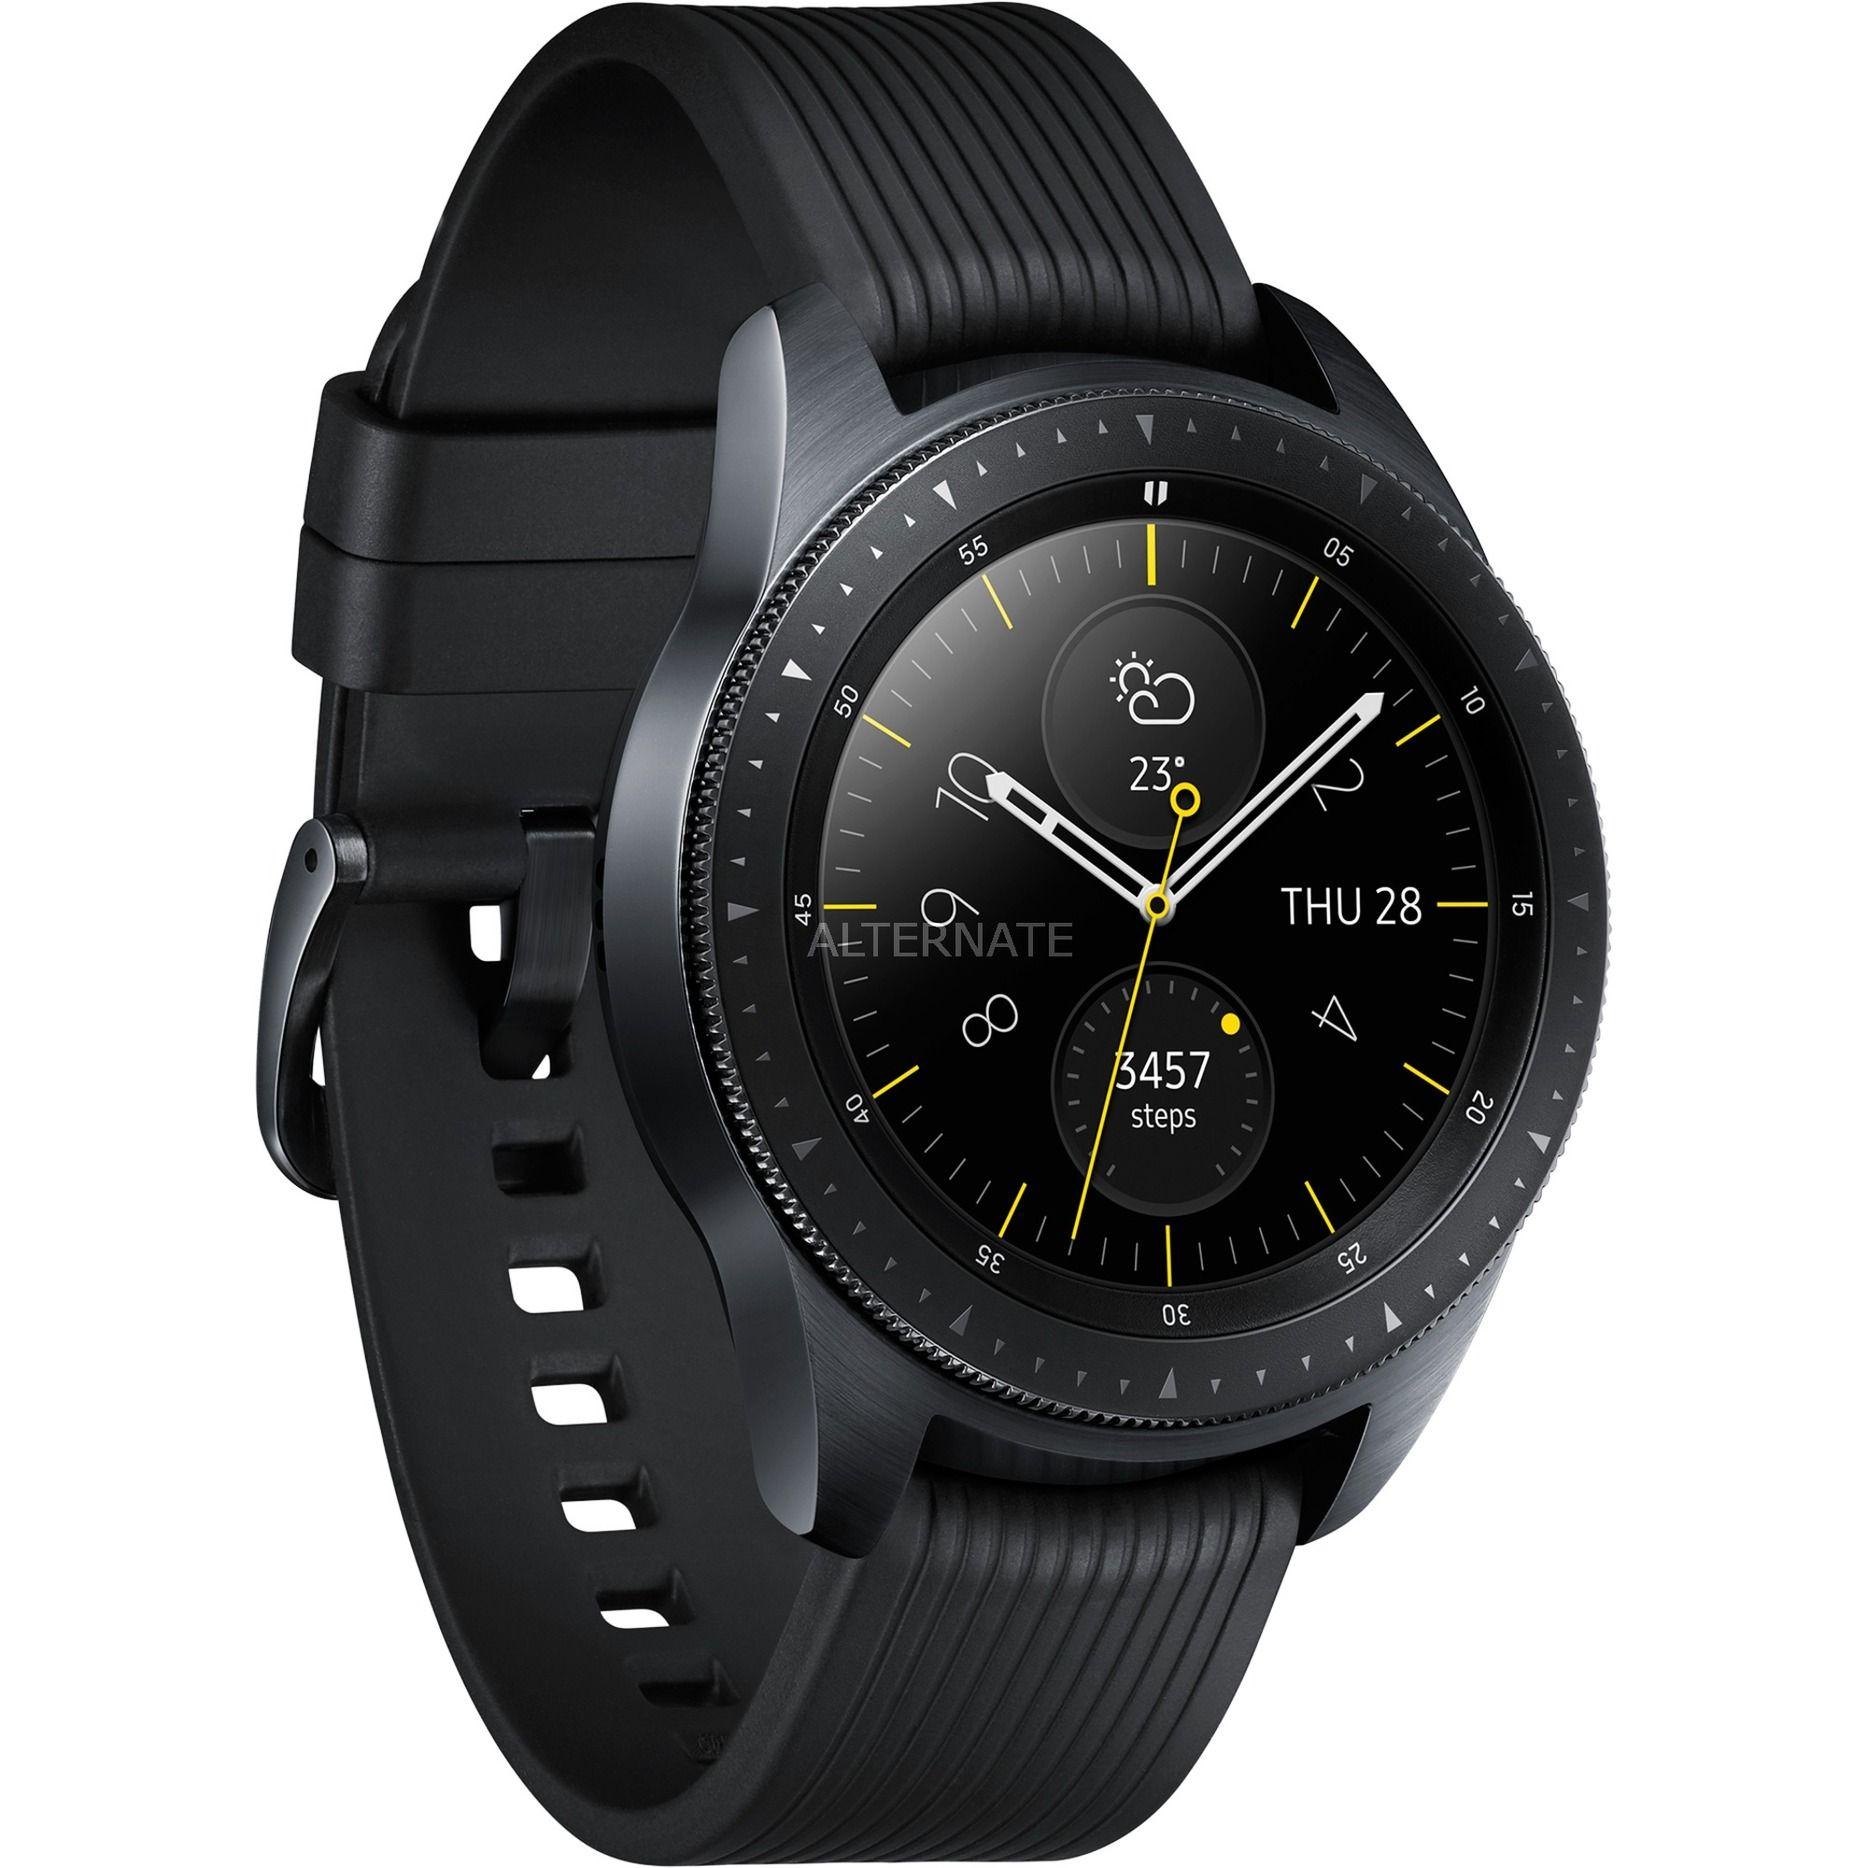 Galaxy Watch 42 mm schwarz mit Paydirekt bei Alternate